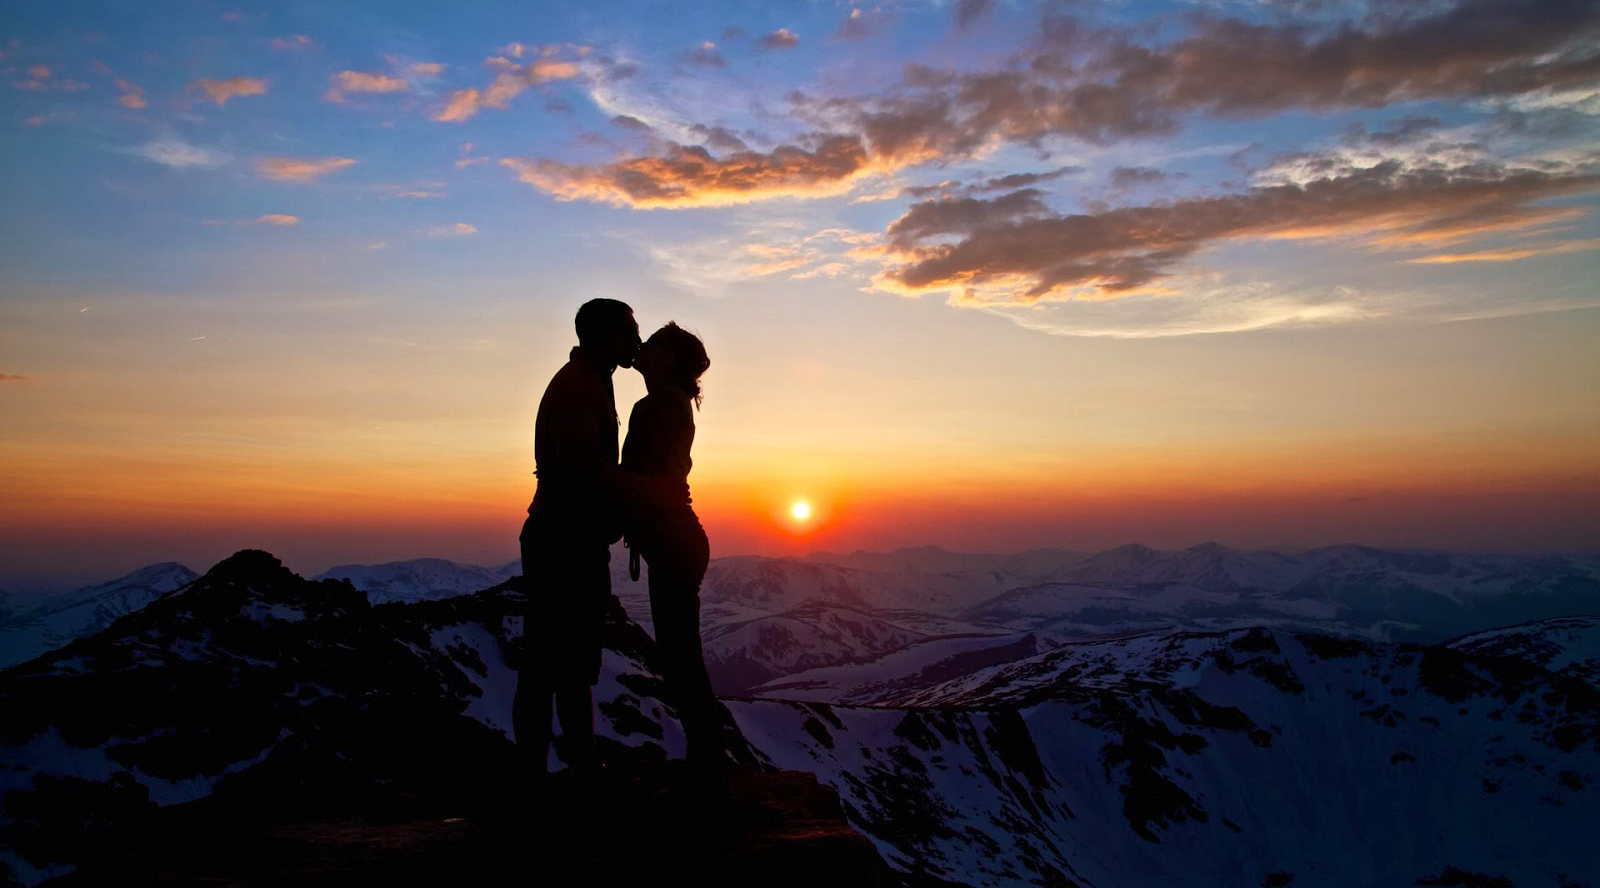 ciuman di atas gunung Tempat Cabul dan Perbuatan Asusila Bebas Grebek